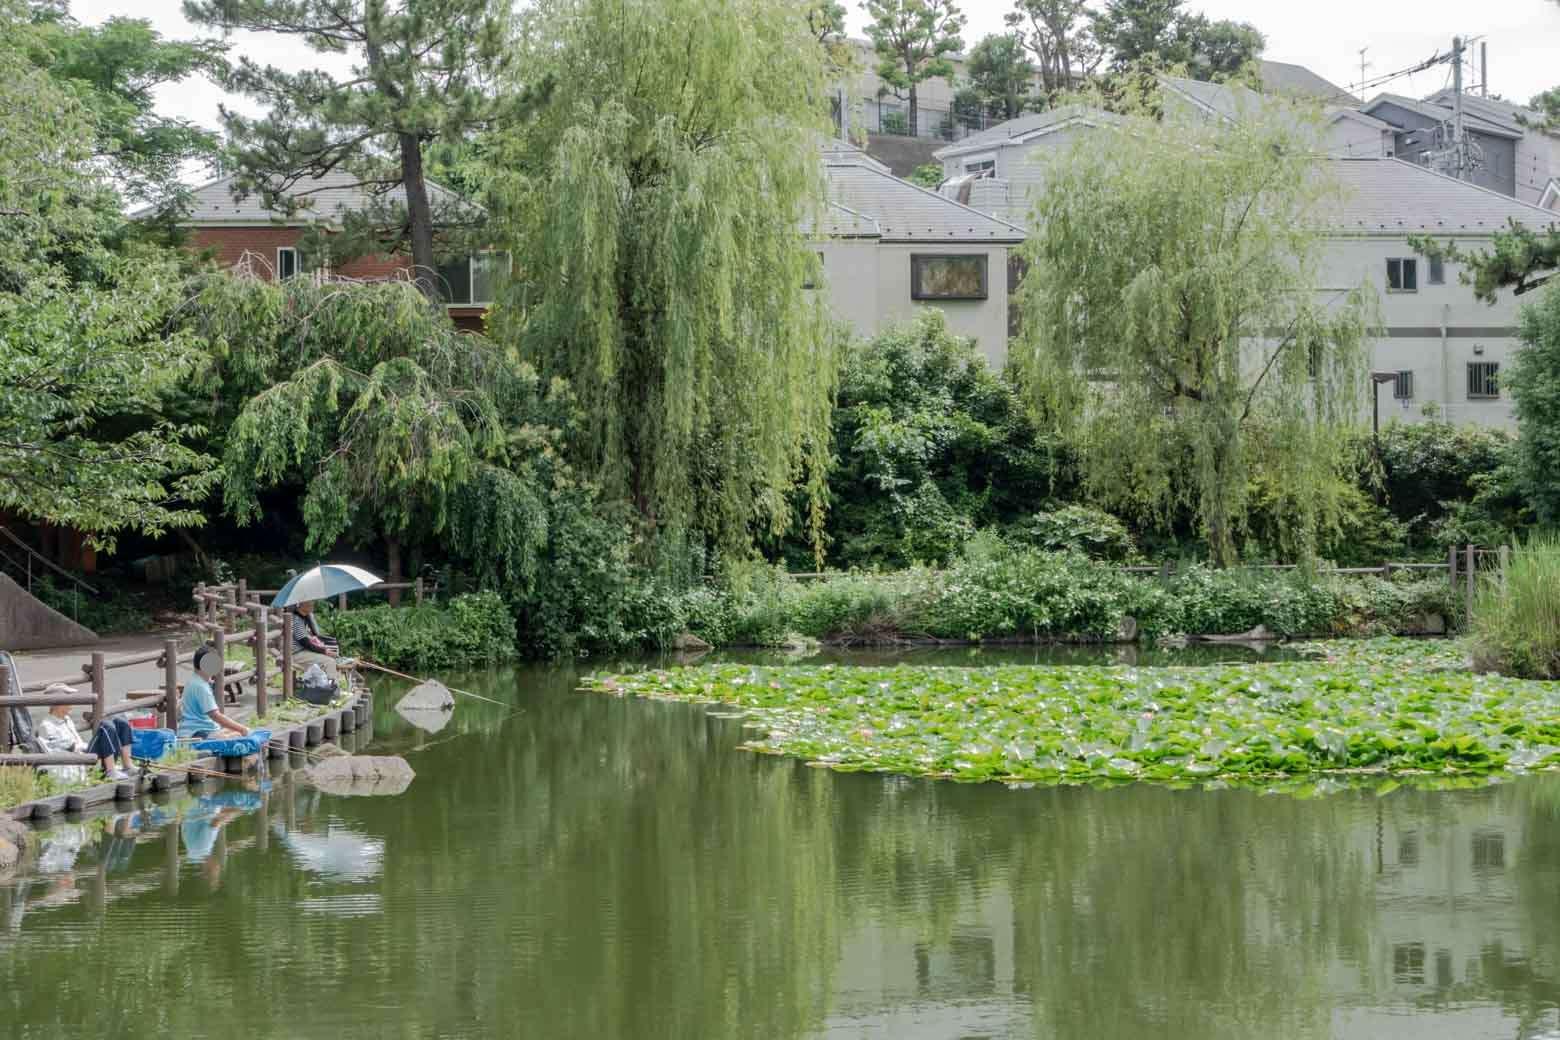 池のある公園が好きです。ついつい深呼吸したくなります。